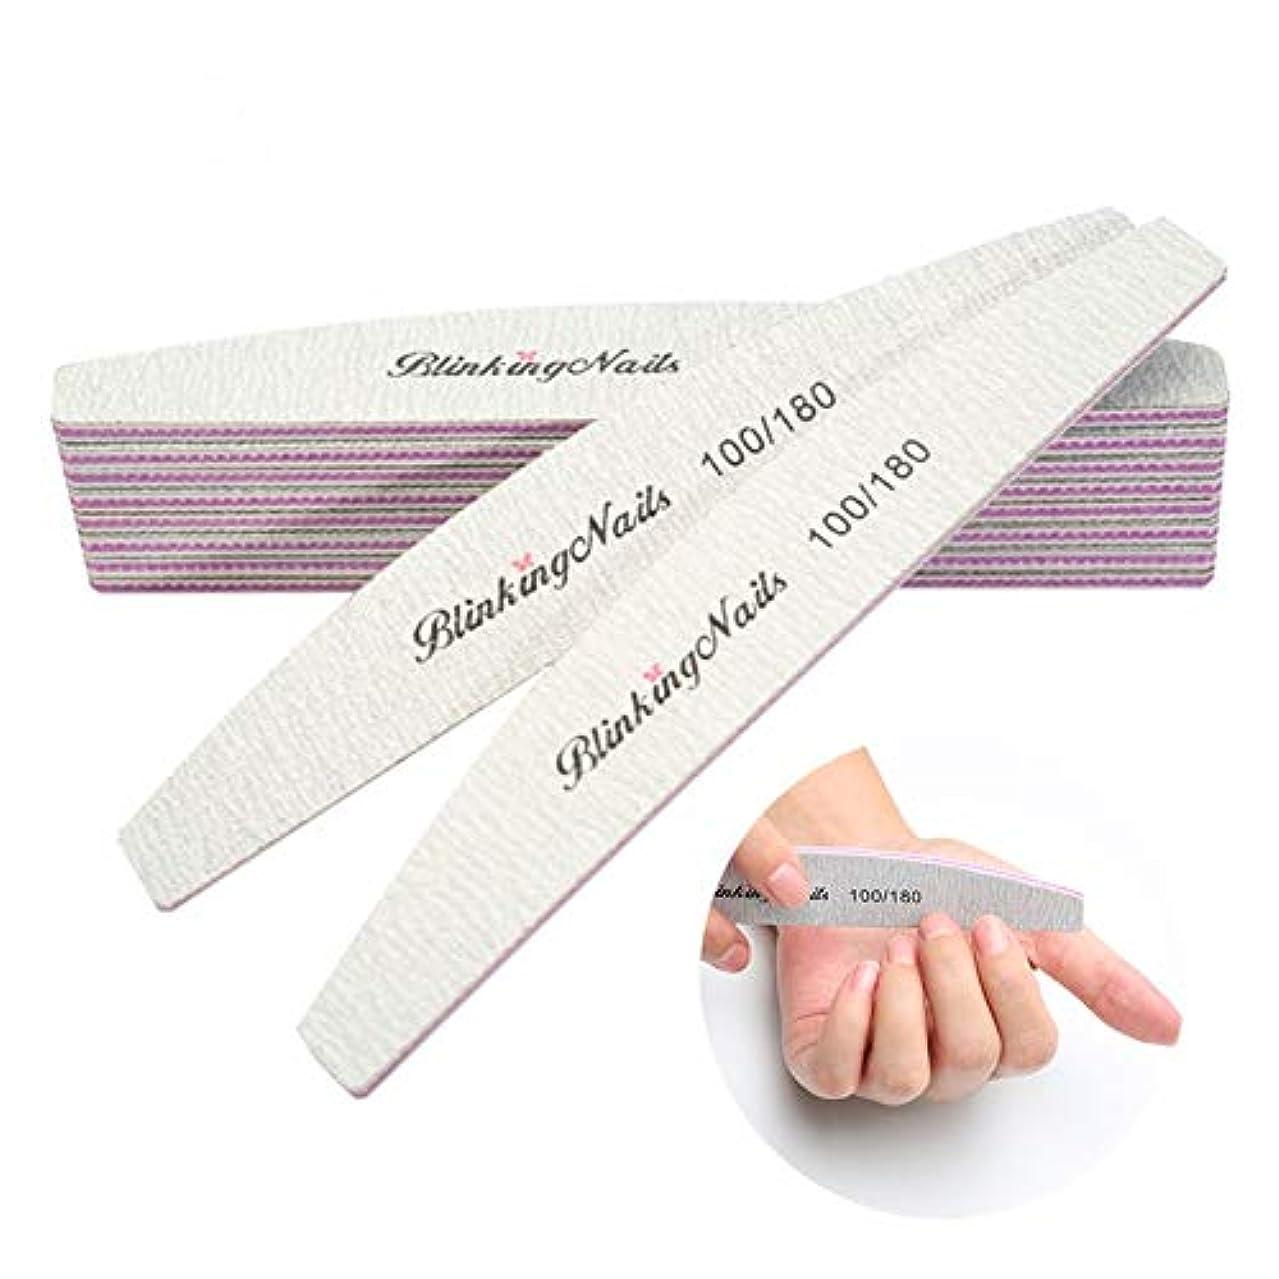 ミルクディンカルビルモデレータ研磨ツール100/180砂 爪やすり ネイルシャイナー ネイルケア 携帯に便利です 水洗いできます 洗濯可プロネイルやすり 10本入